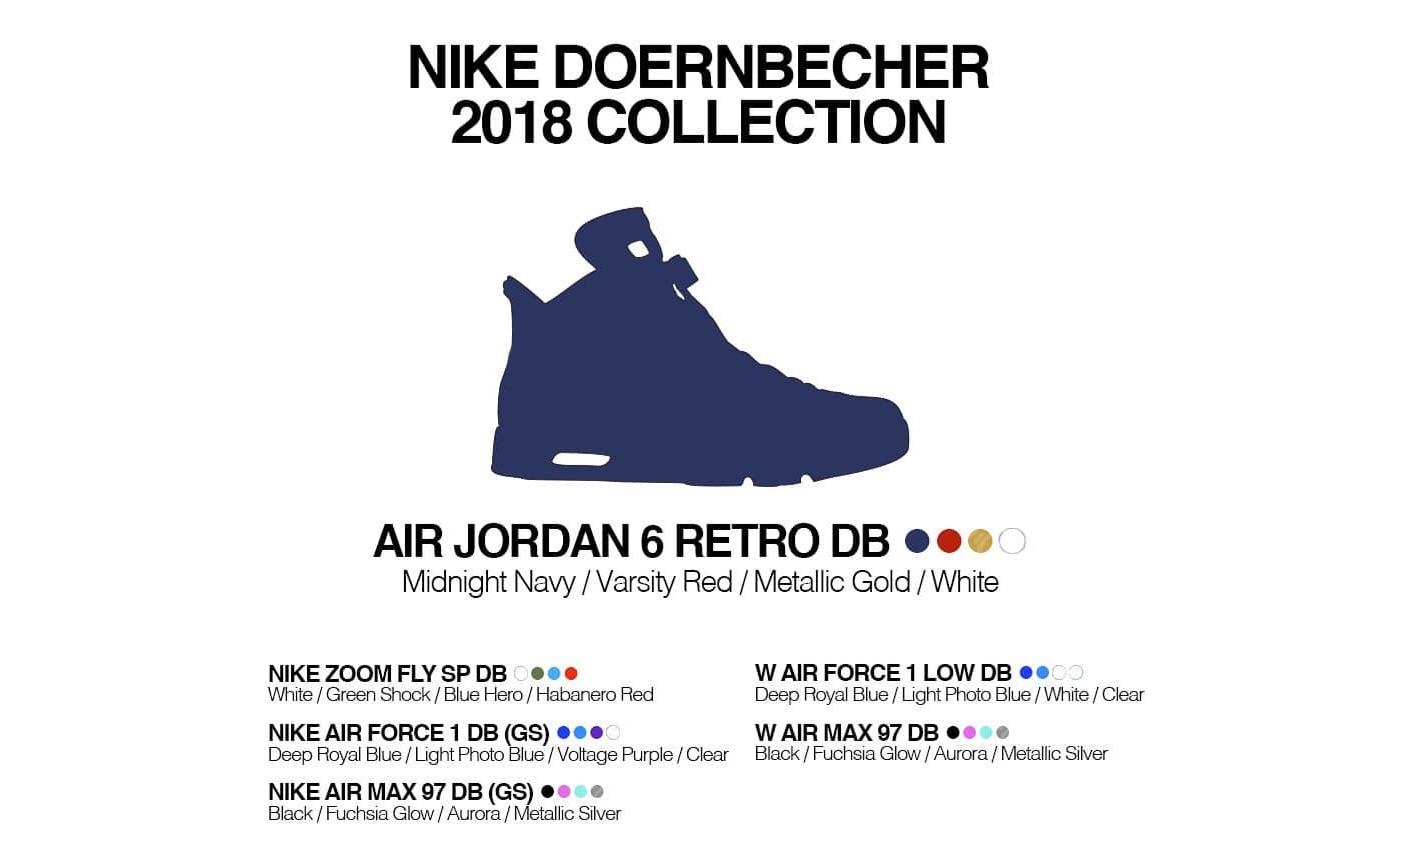 Nike x Doernbecher 慈善球鞋系列将于 11 月登场